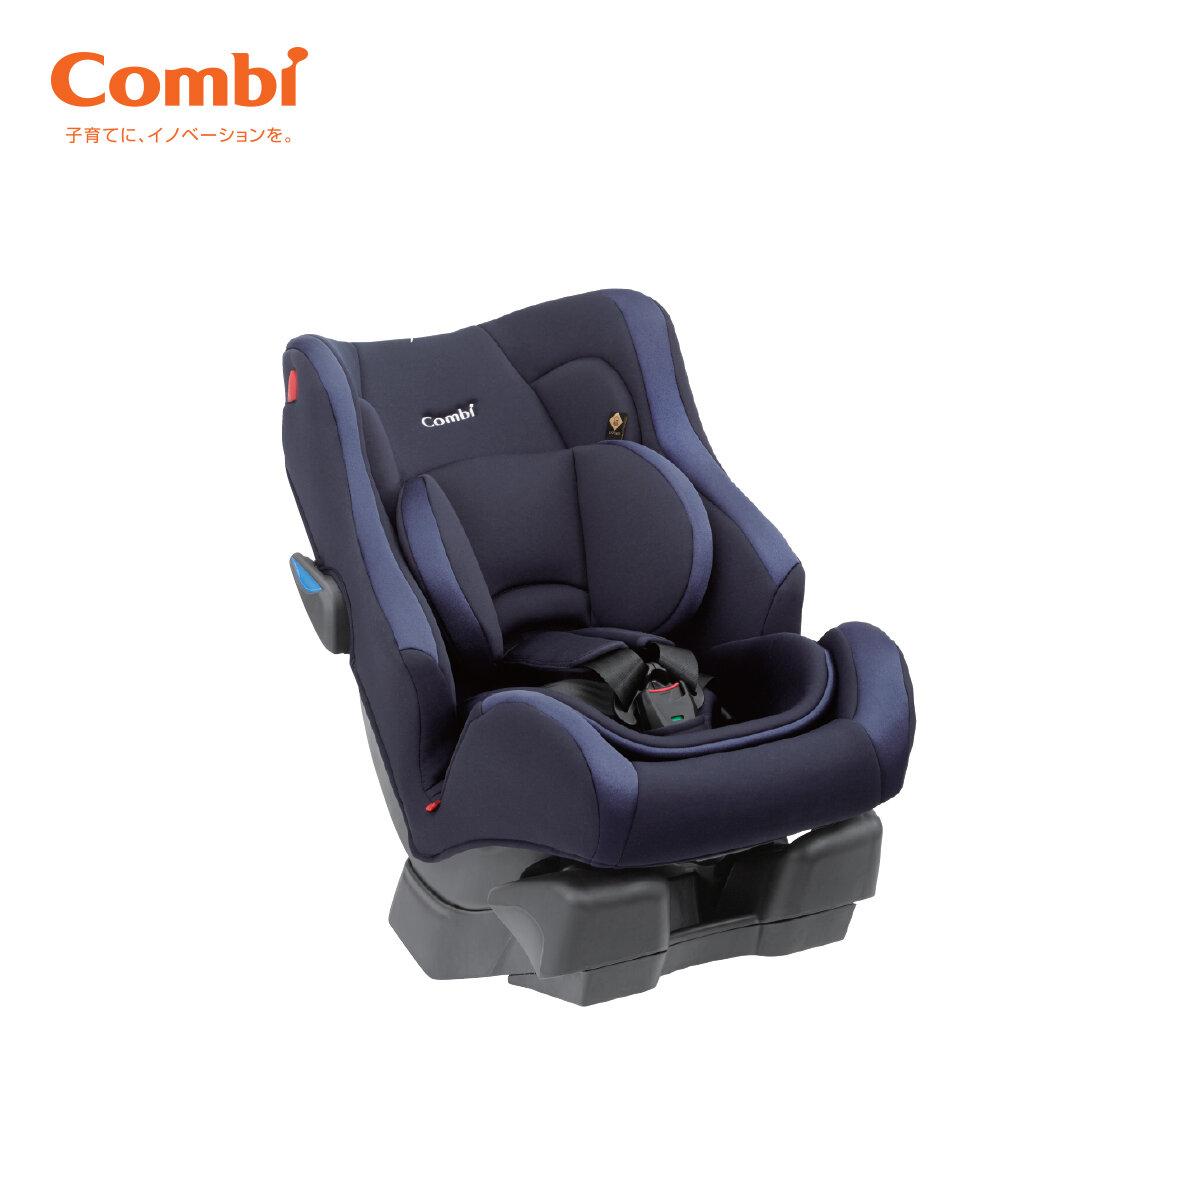 Ghế ngồi ô tô Combi Wego Long